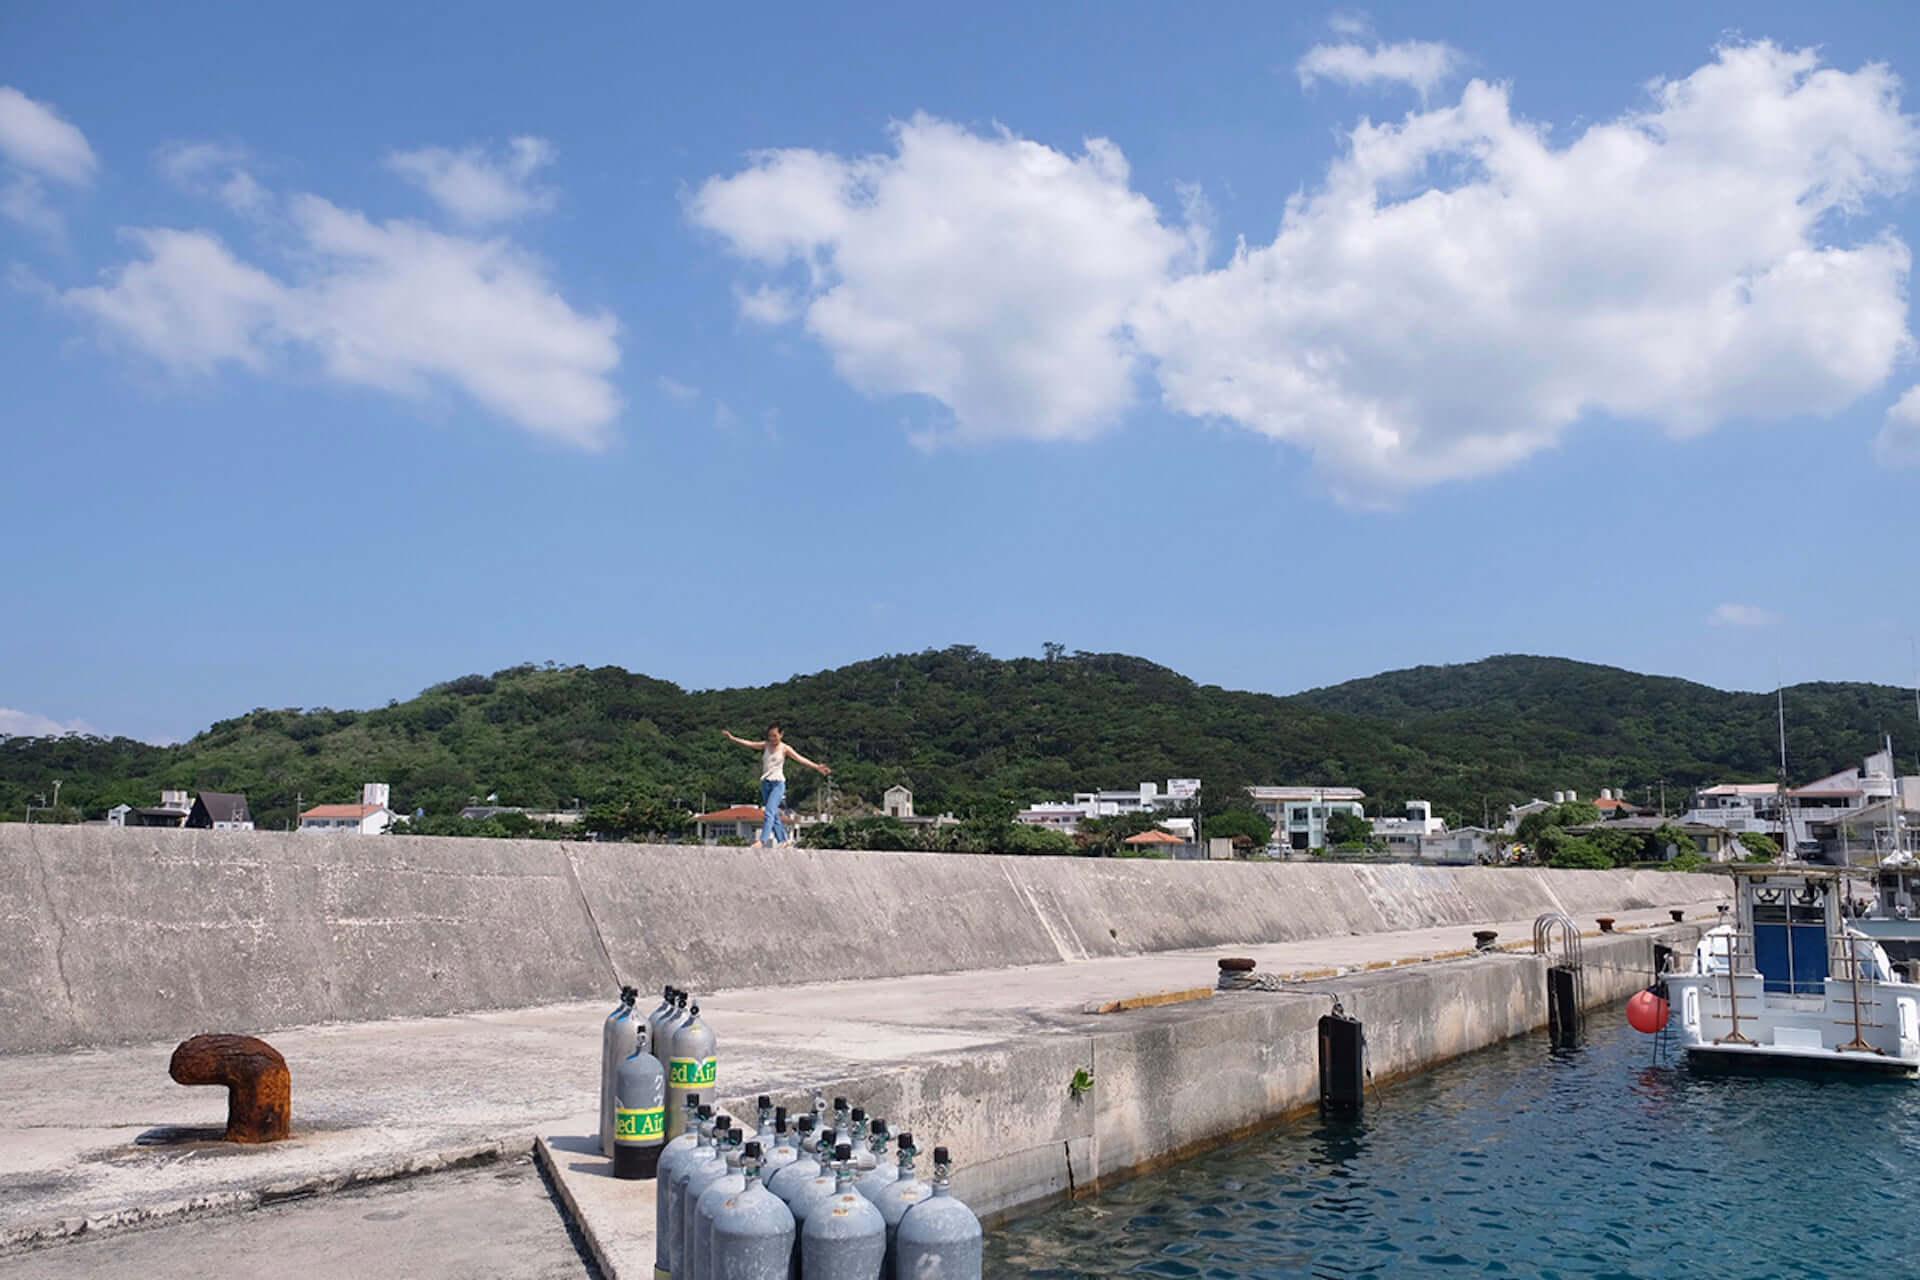 リゾートファッションにも注目!モデル武智志穂の沖縄・阿嘉島旅行記 2-1-1920x1280